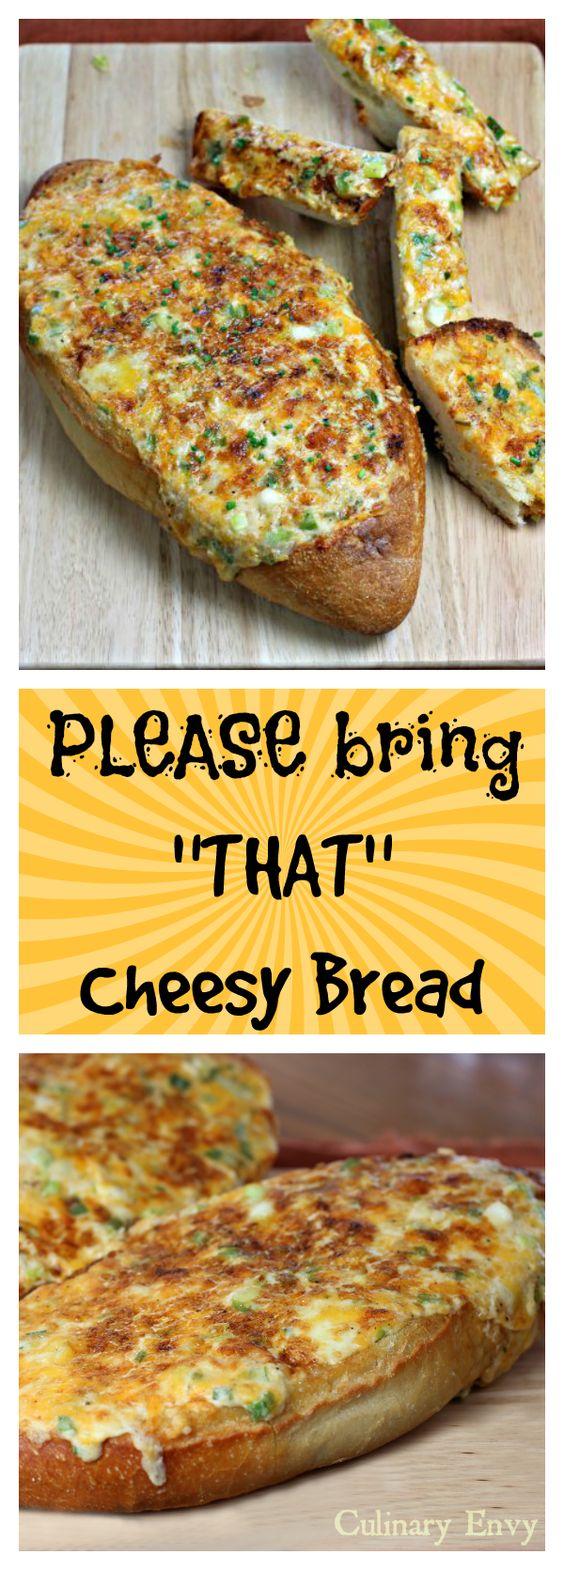 PLEASE BRING THAT CHEESY BREAD